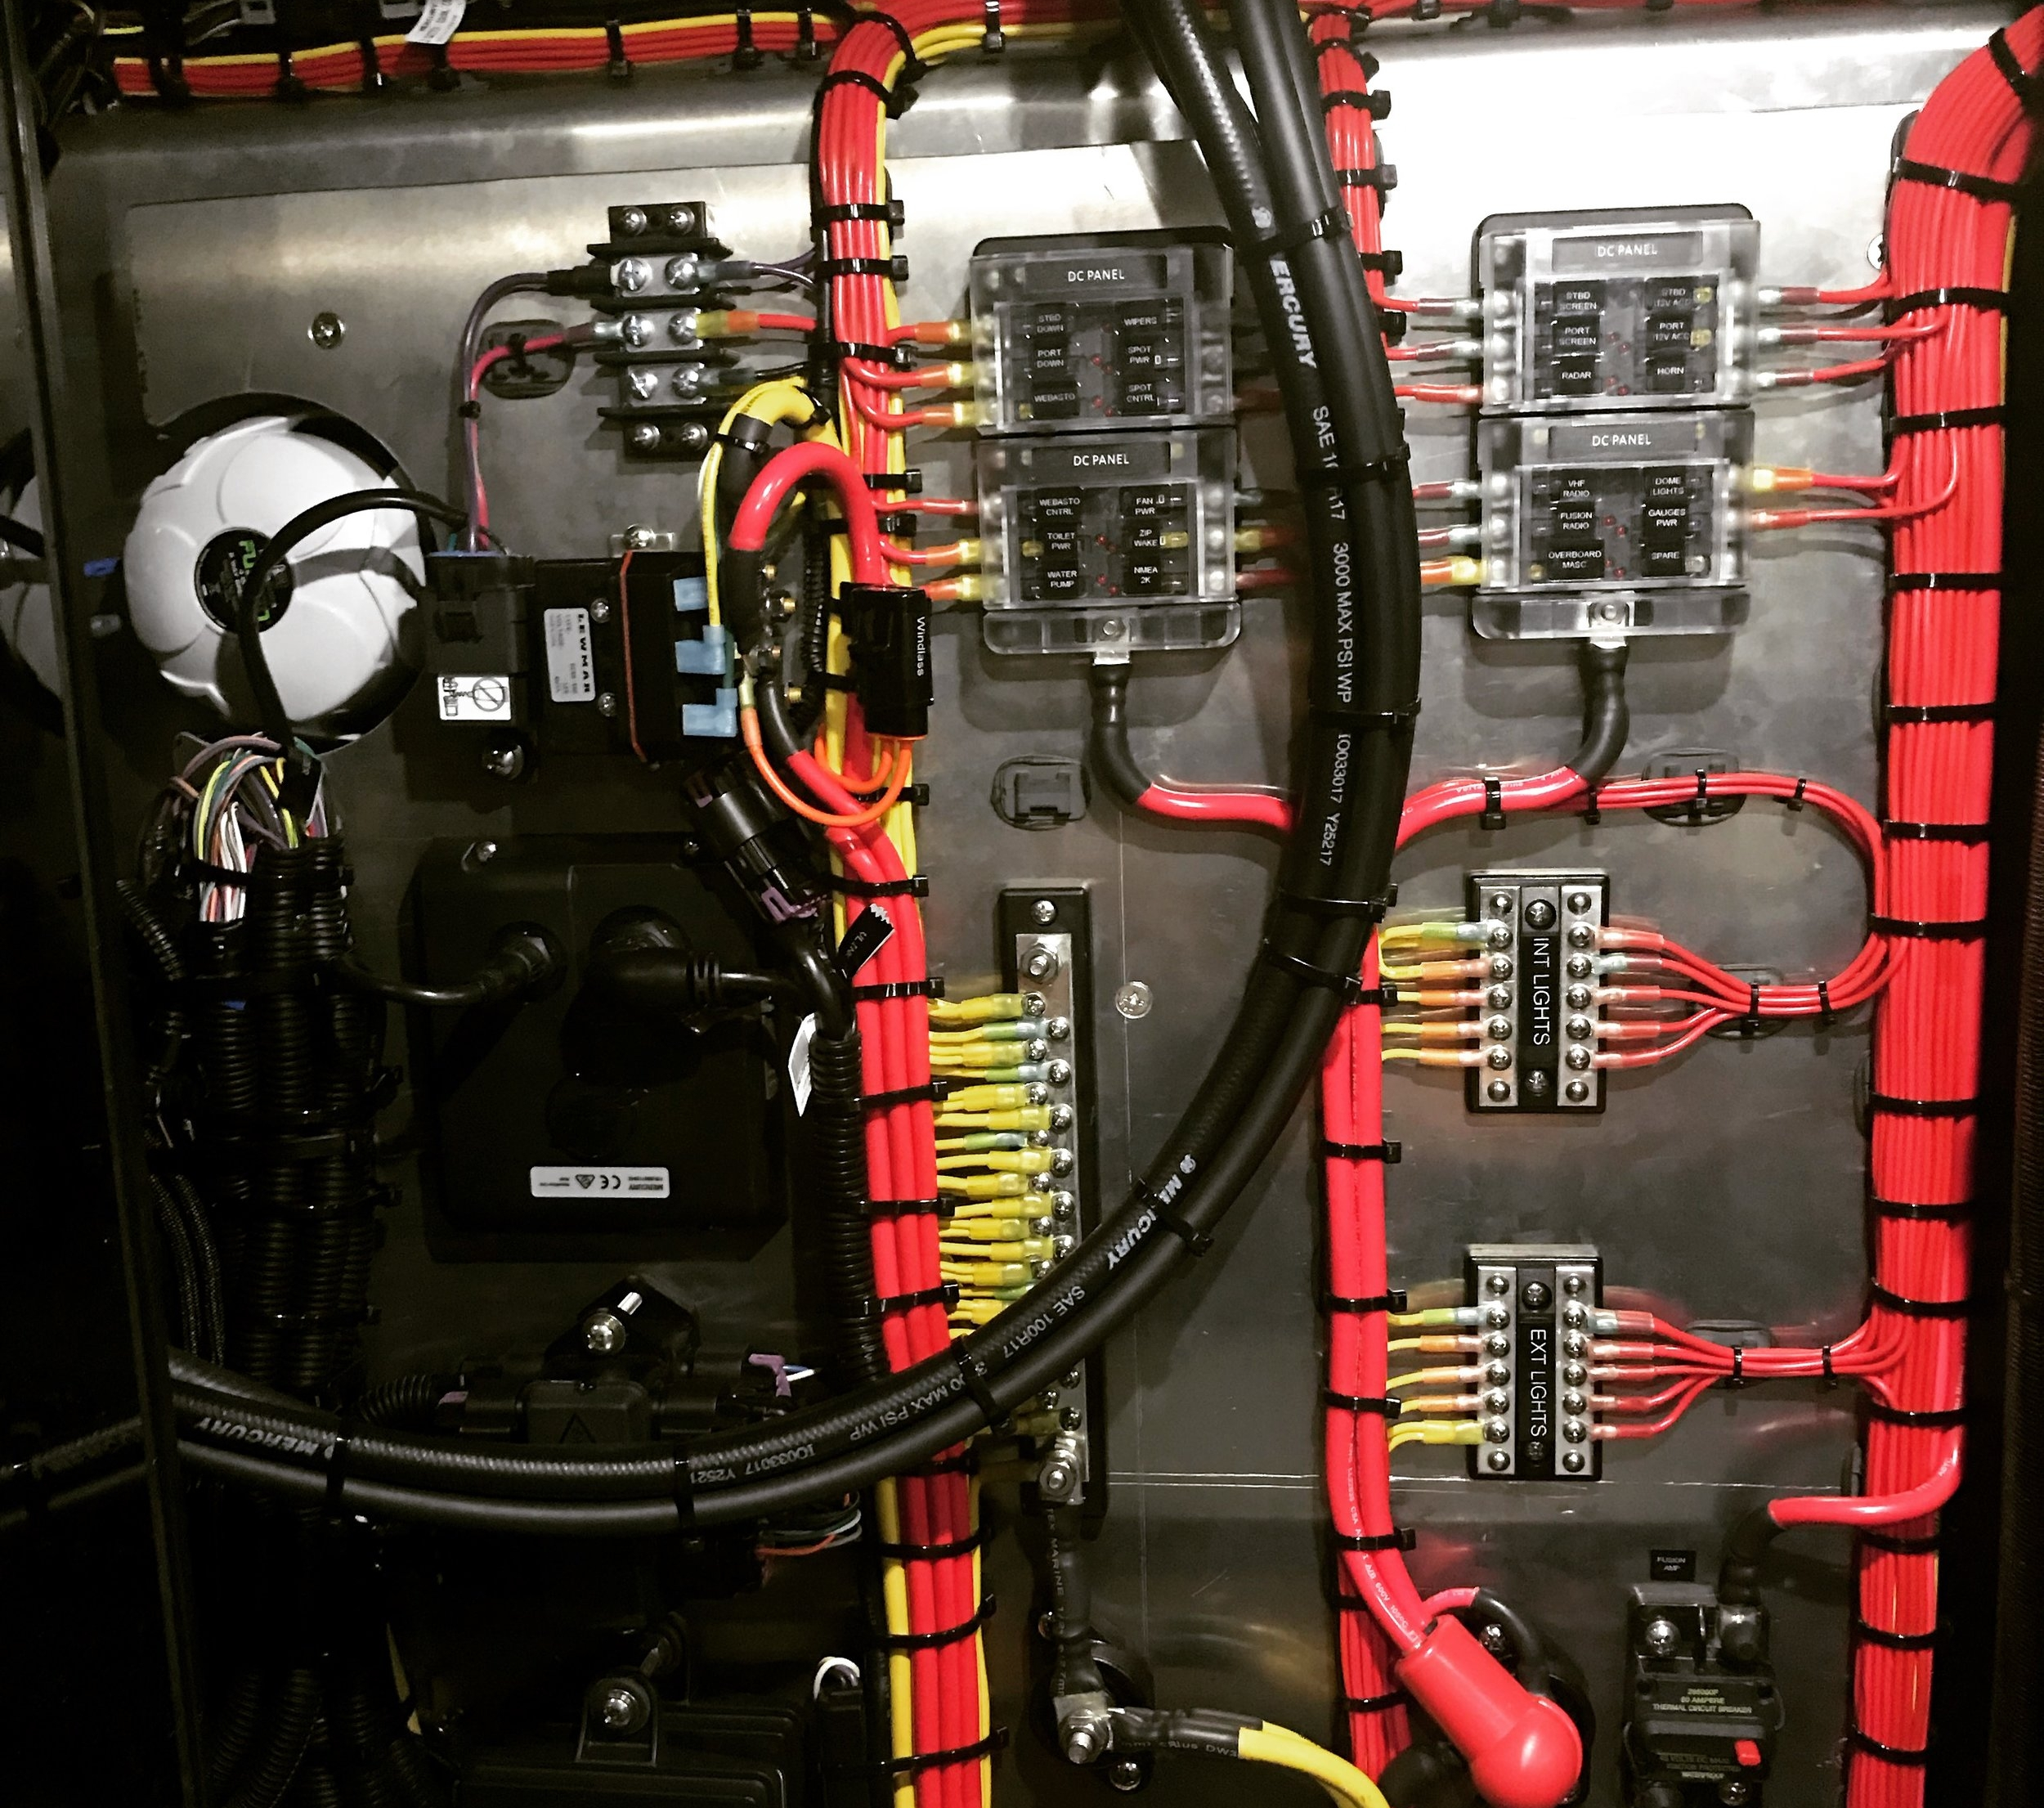 Wiring Example.JPG